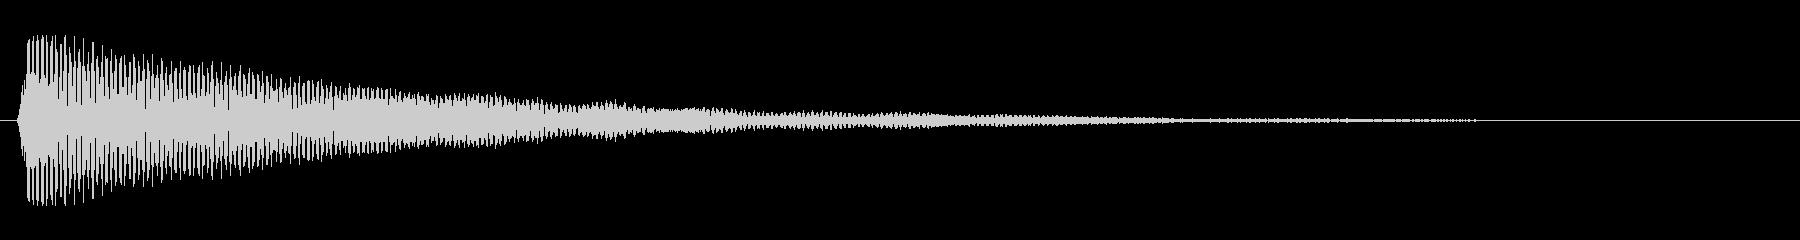 ポッ ポーン ポン(クリアな効果音)の未再生の波形